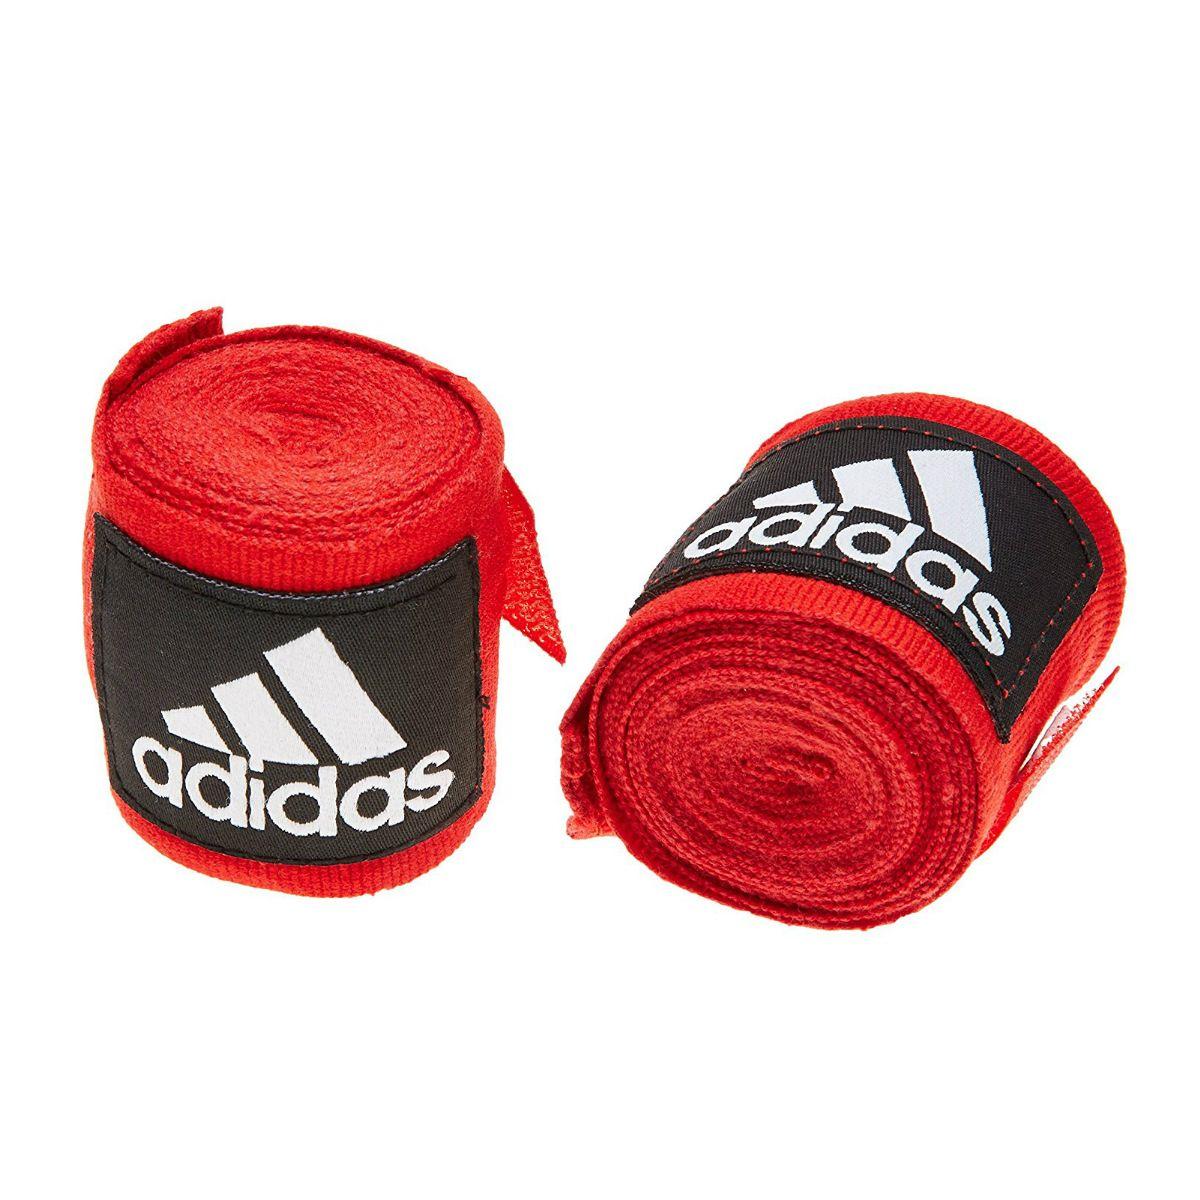 Bandagem Elástica adidas 2,55m Vermelha